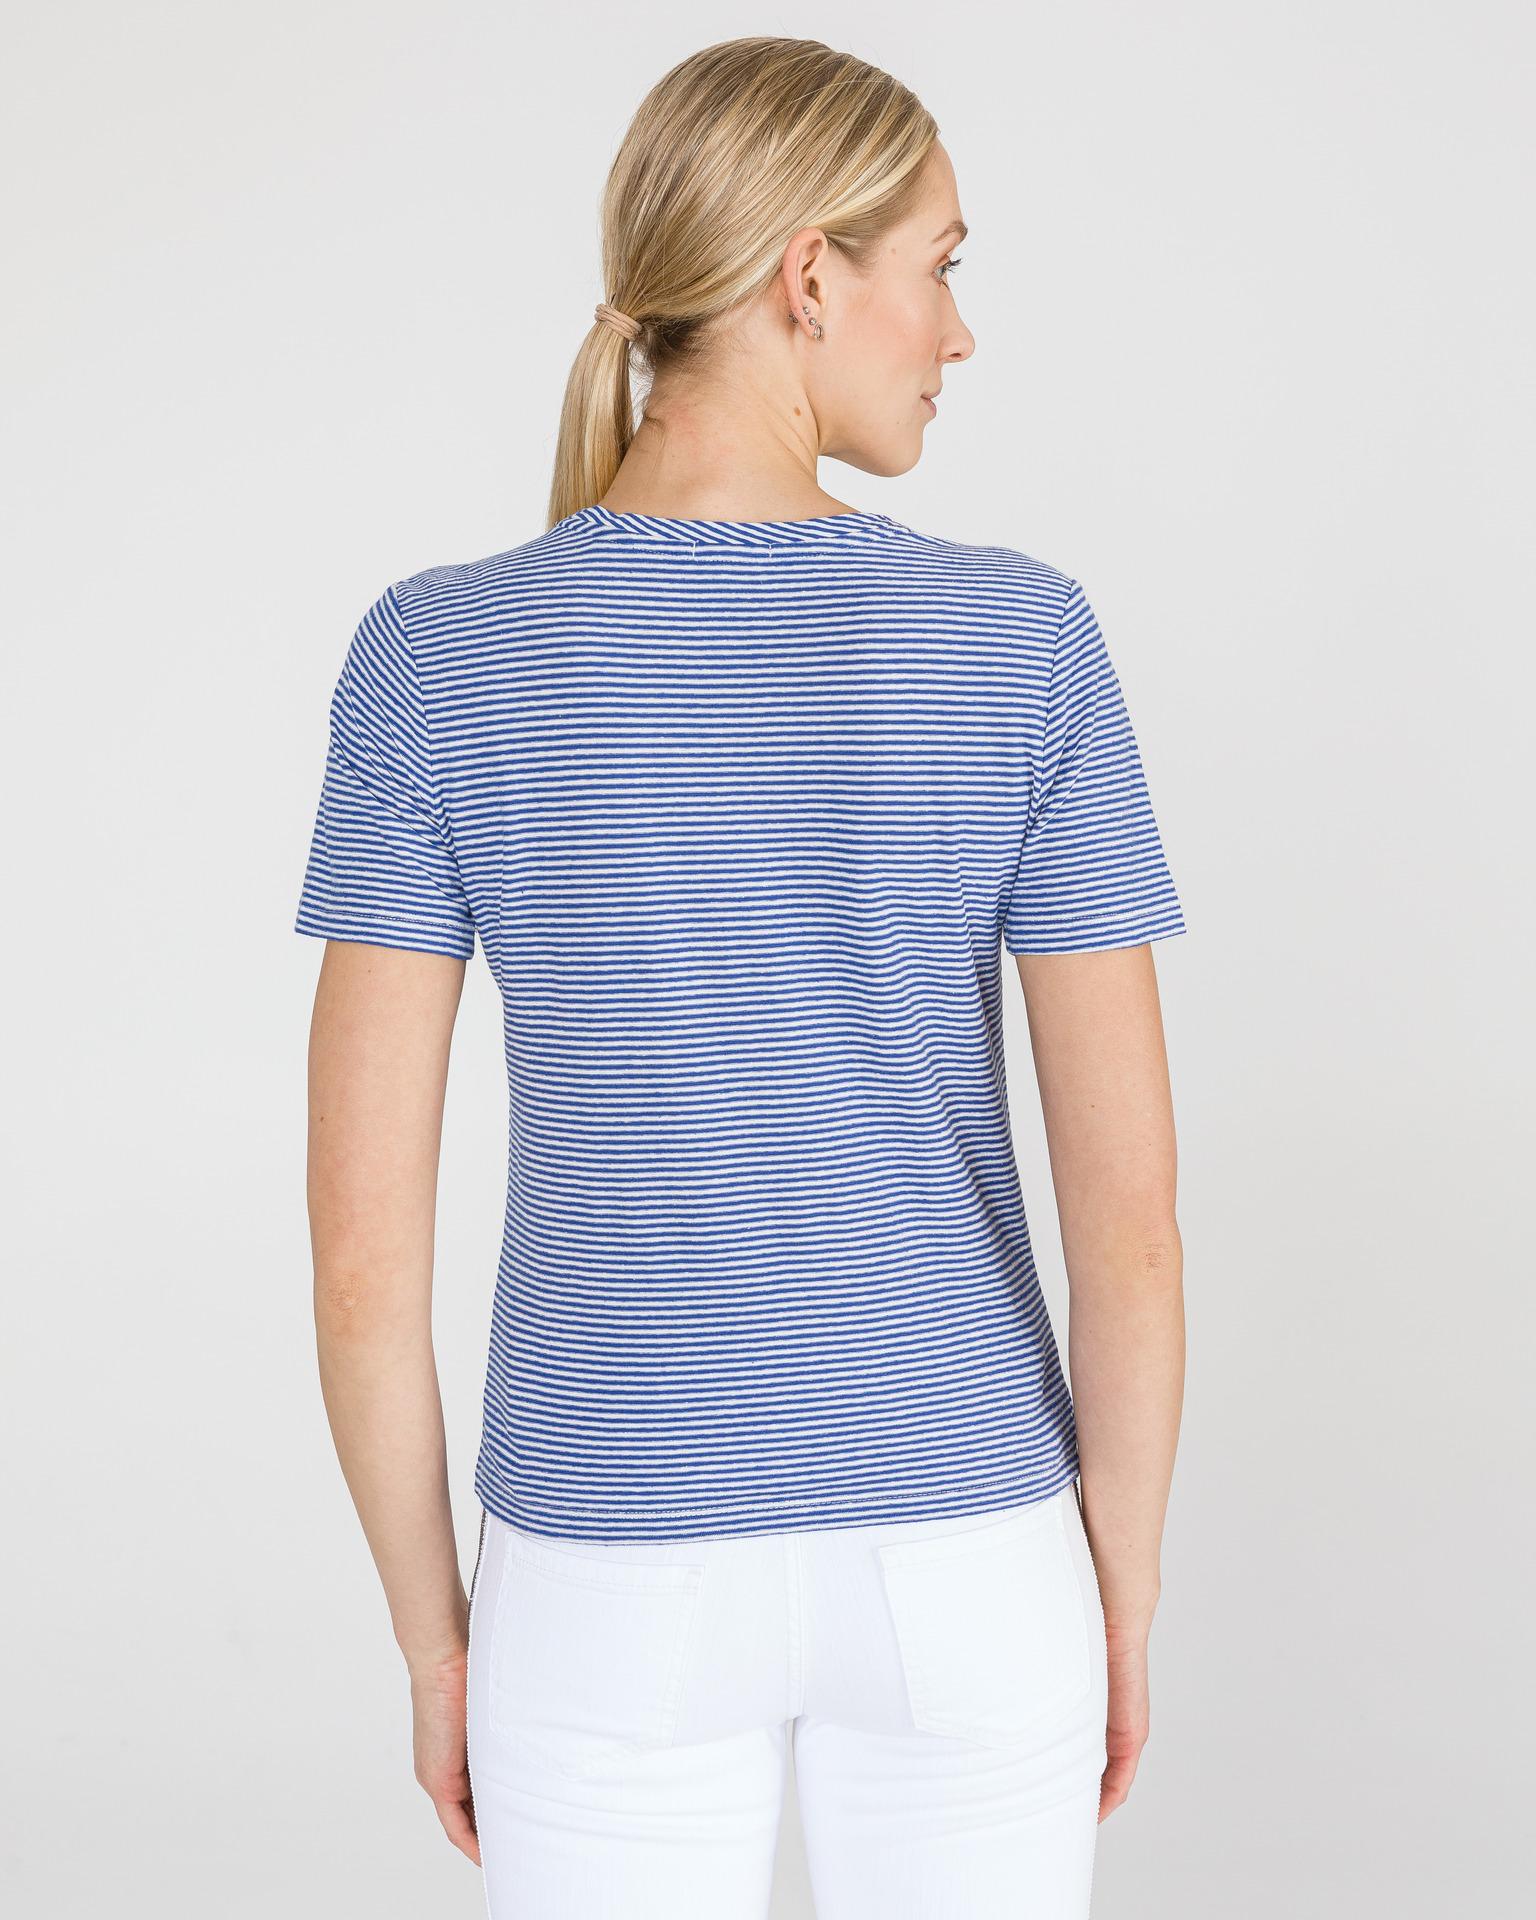 Scotch & Soda Women's t-shirt blue